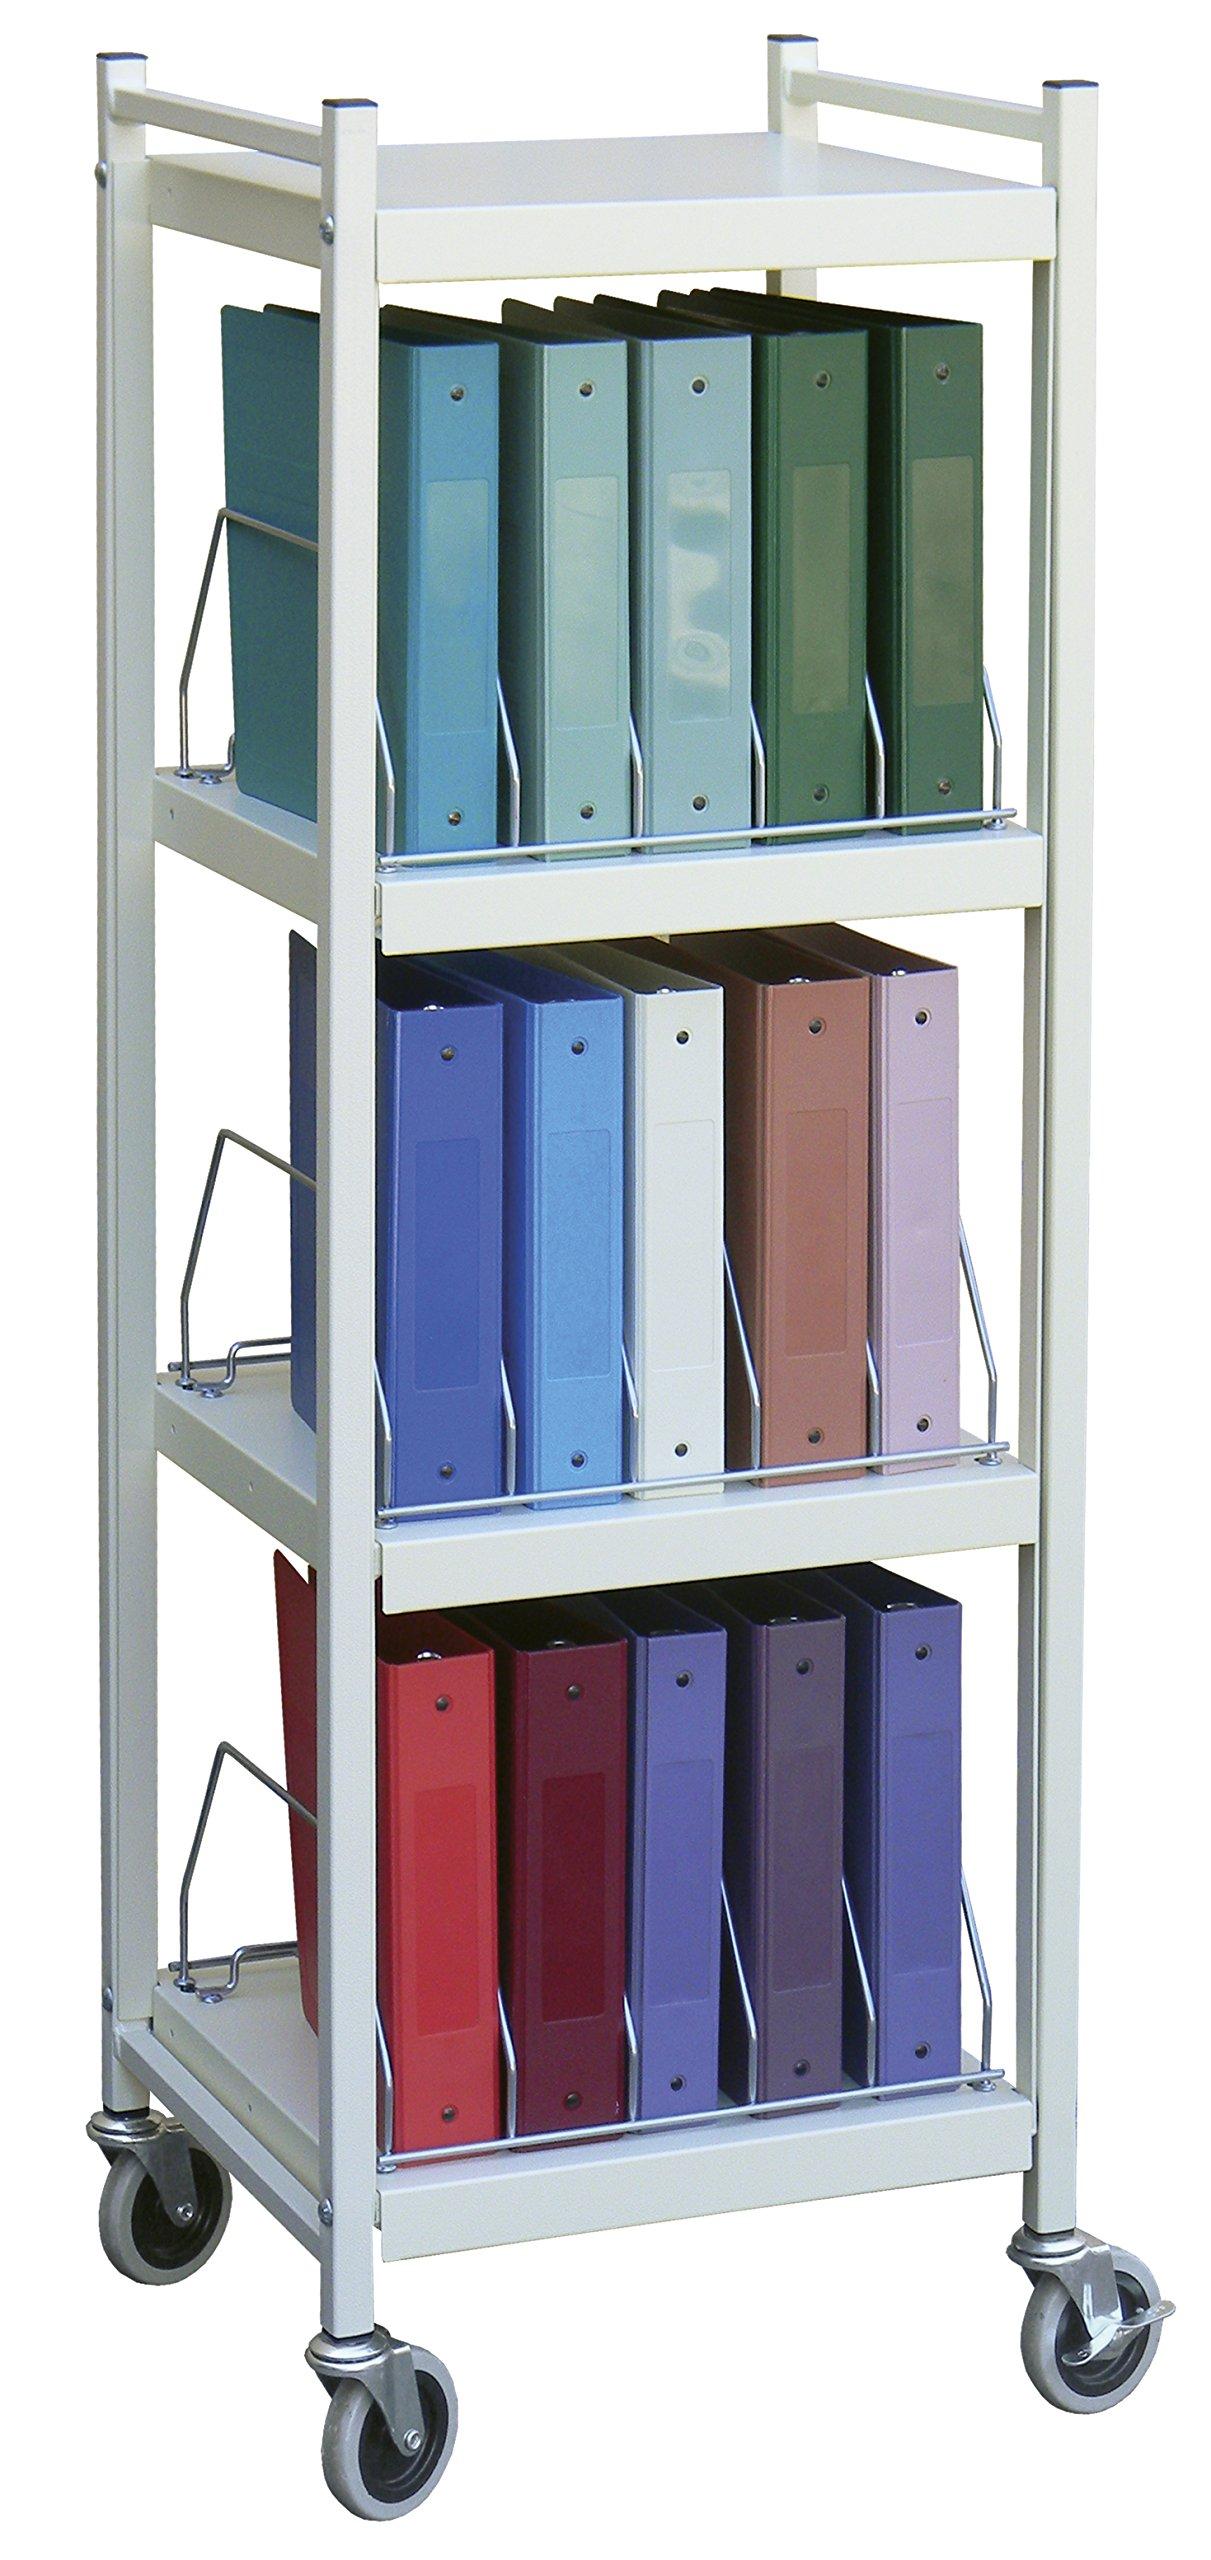 Mini Open Chart Rack 4 Shelves 15 Binder Capacity (Light Gray)